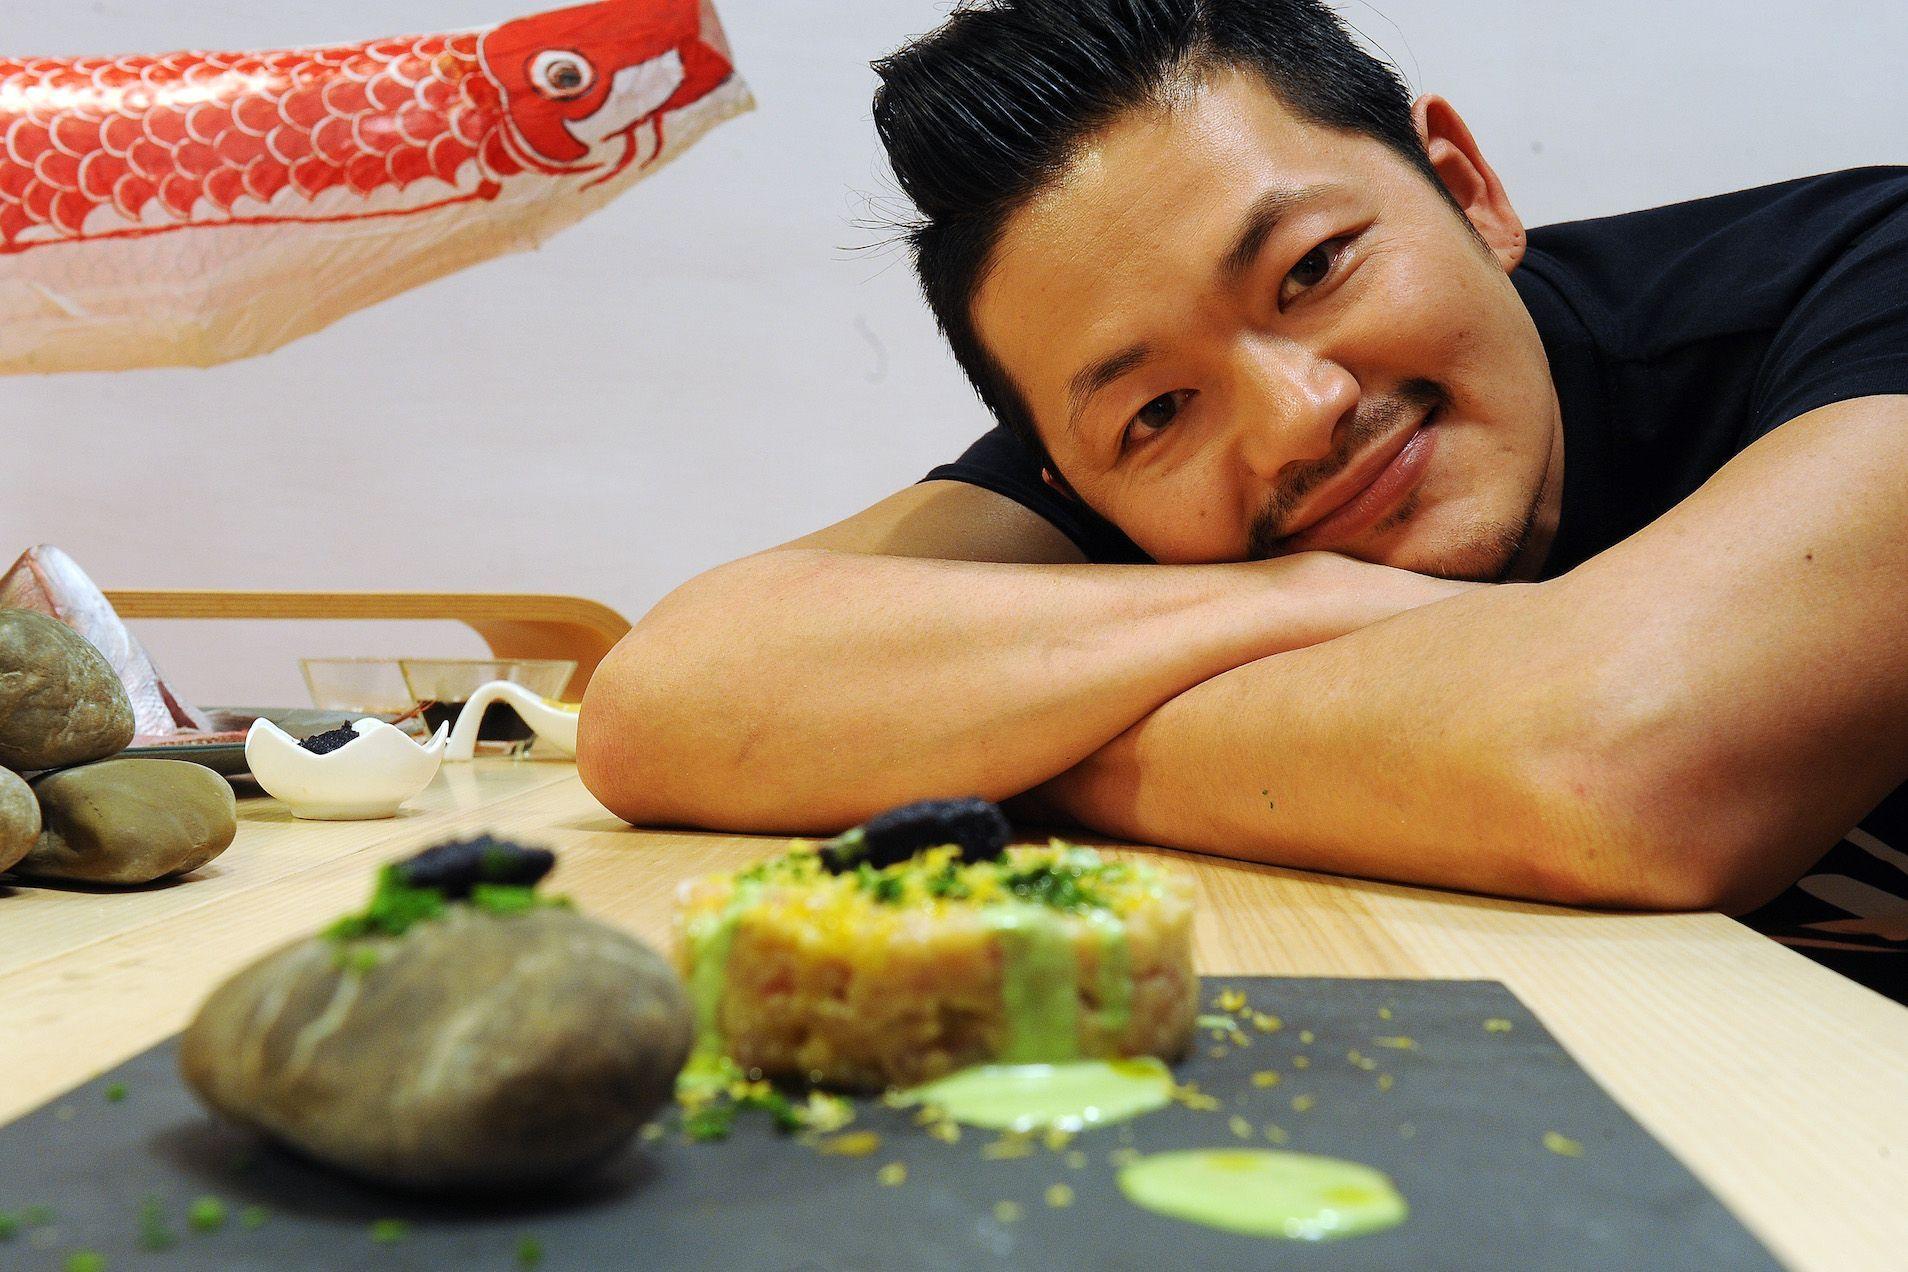 Programma Gambero Rosso Channel di chef Hiro © Francesco Vignali Photography